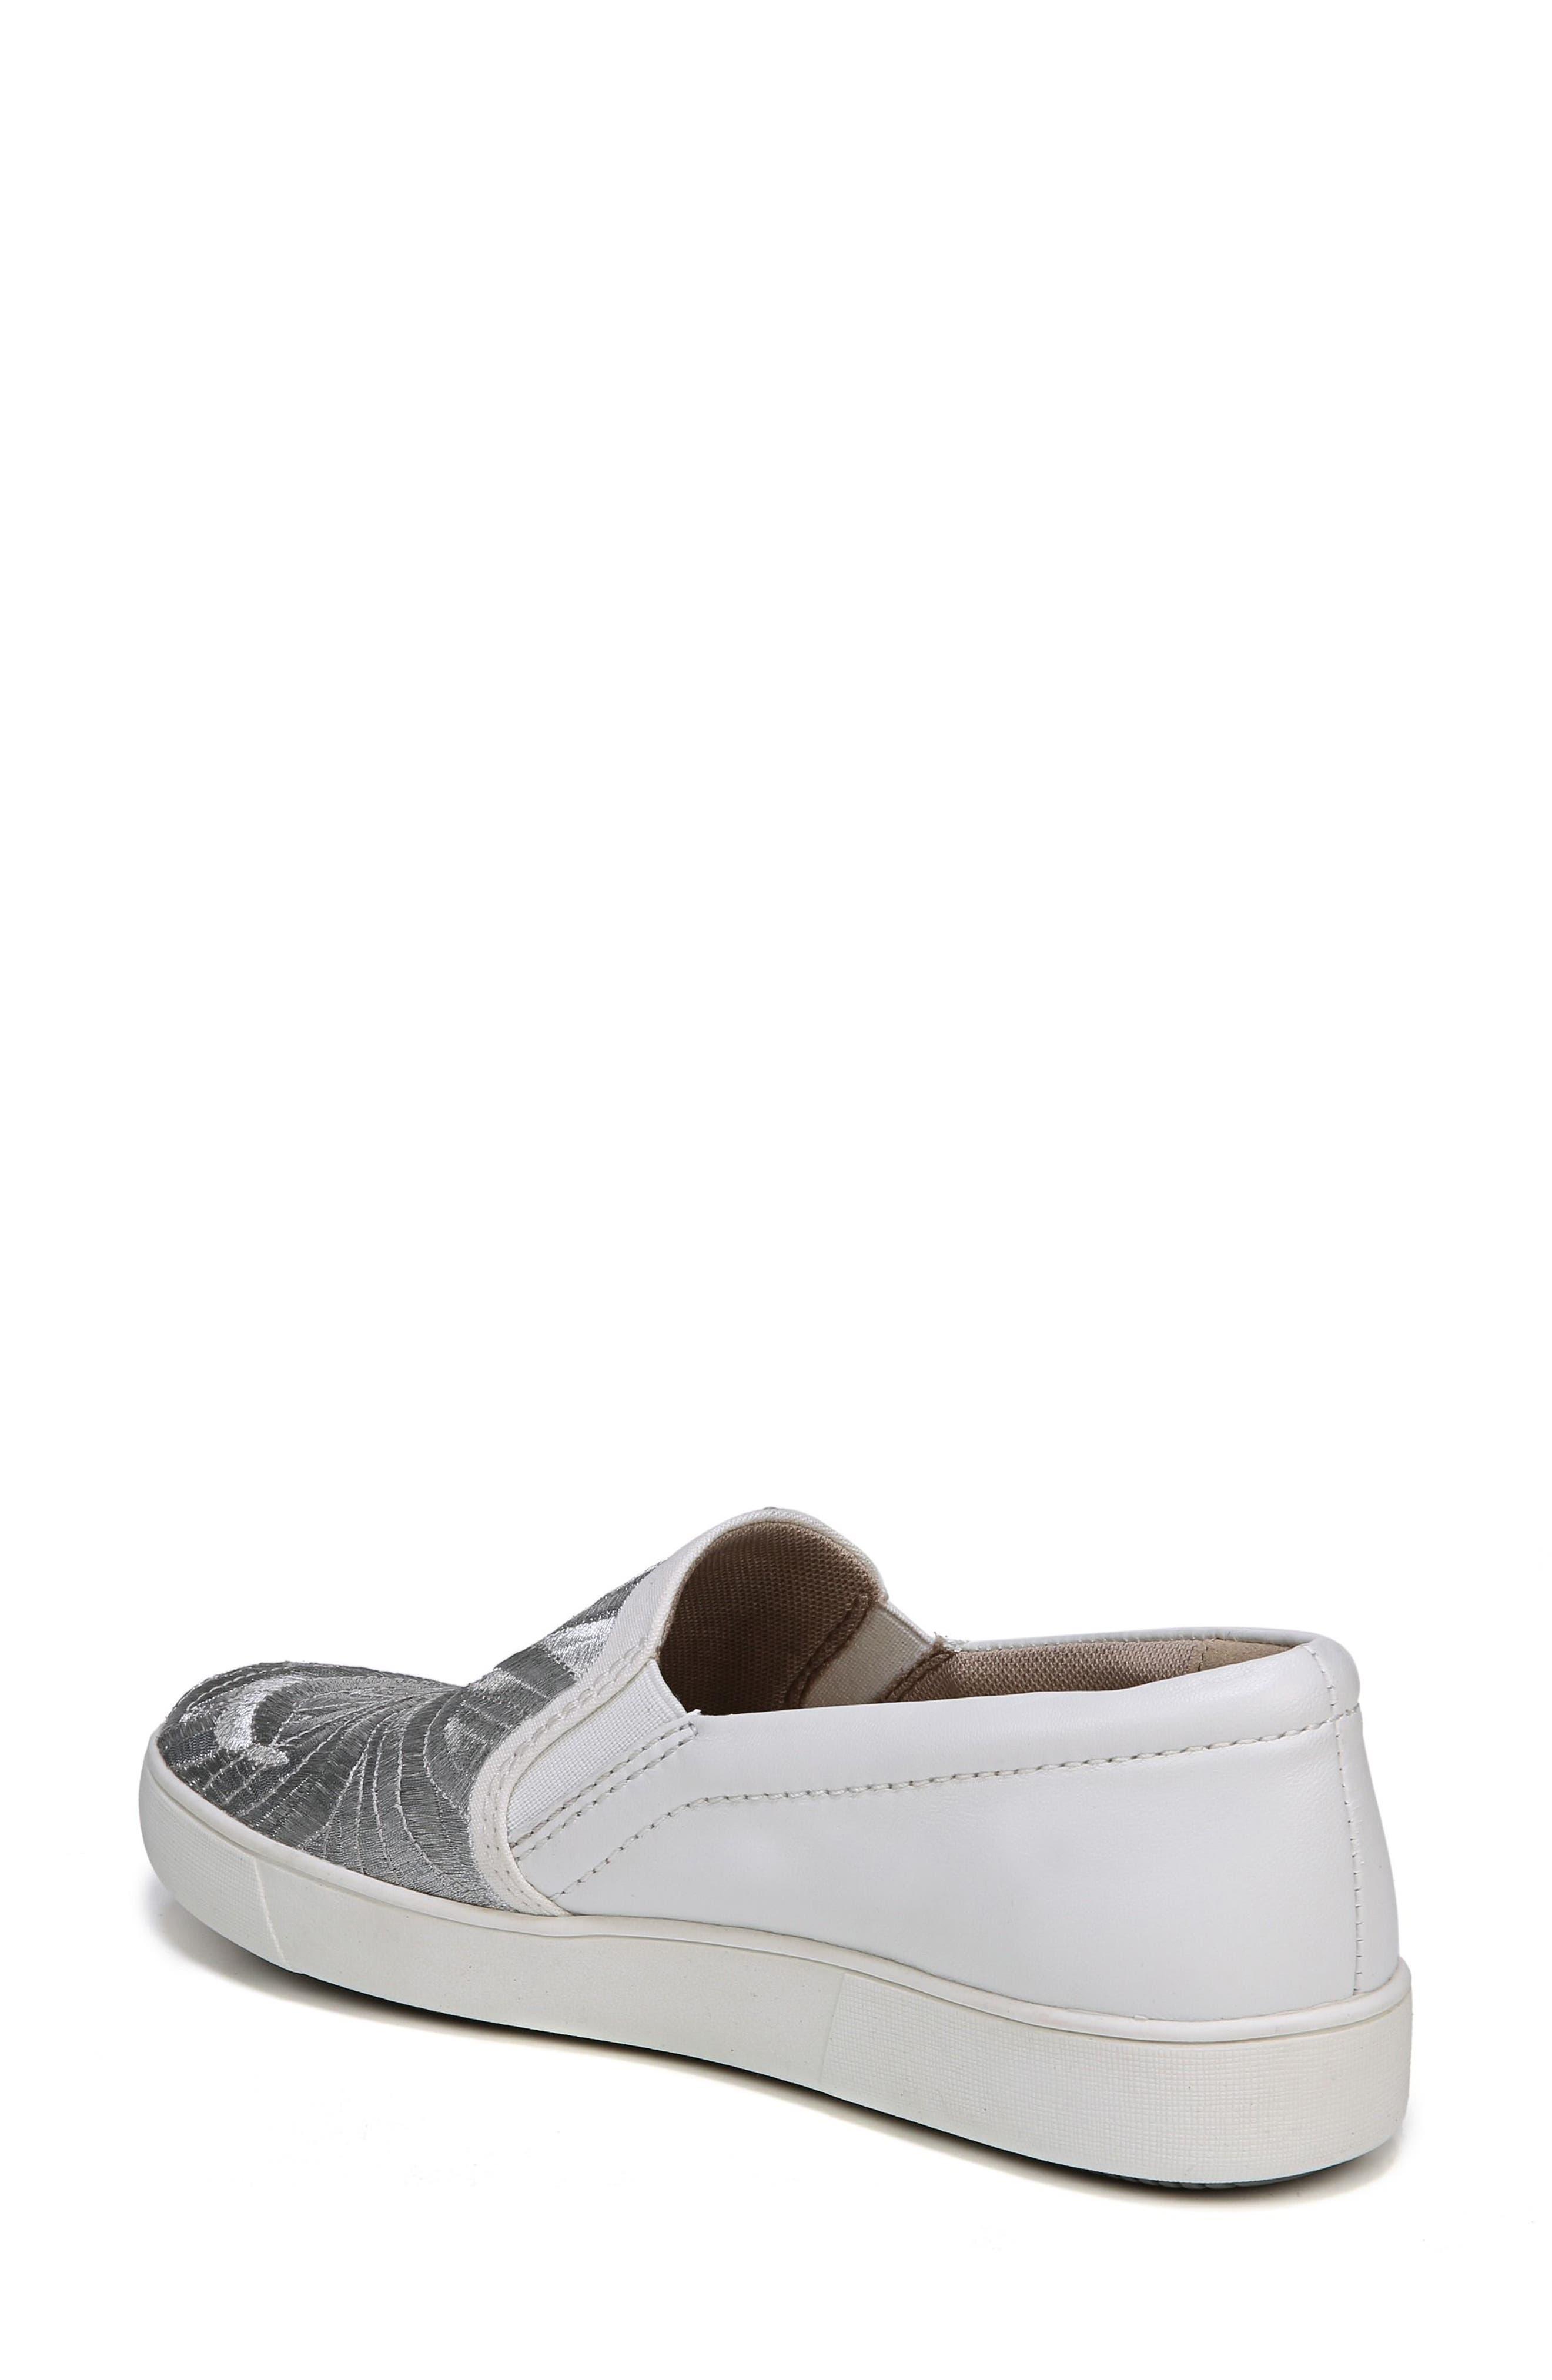 Marianne Slip-On Sneaker,                             Alternate thumbnail 2, color,                             White/ Silver Leather